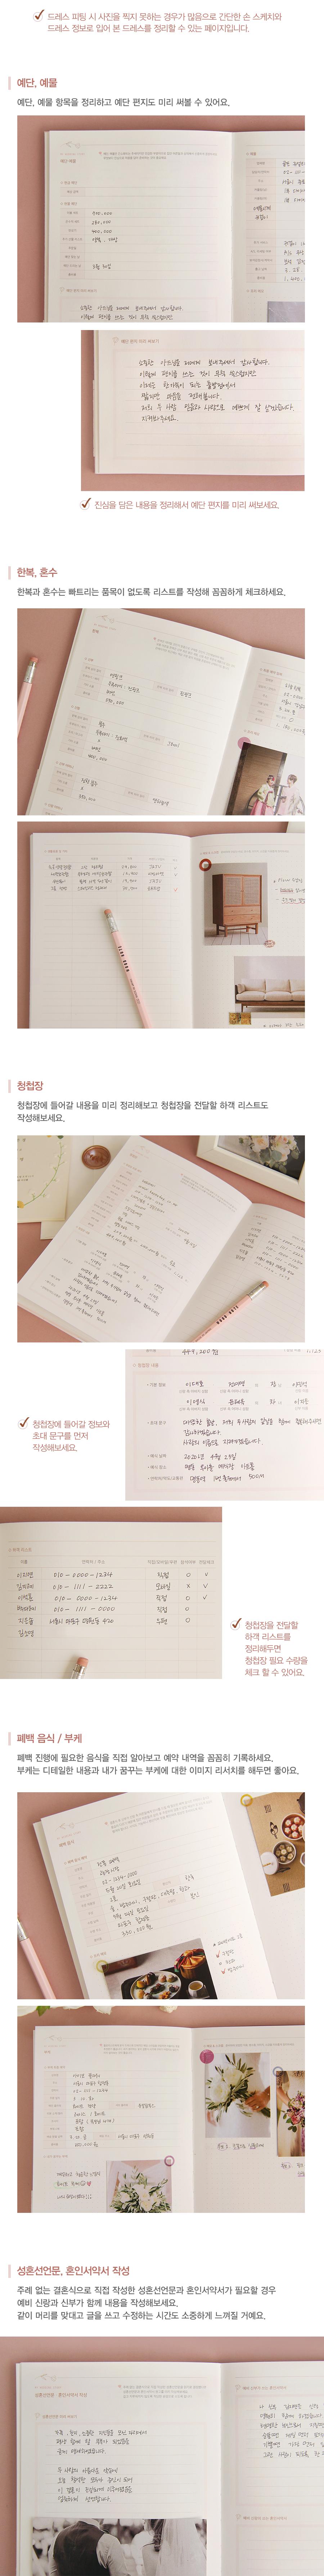 나의 웨딩 다이어리(심플) 플래너 신부수첩 - 인디고, 9,800원, 만년형, 심플/베이직